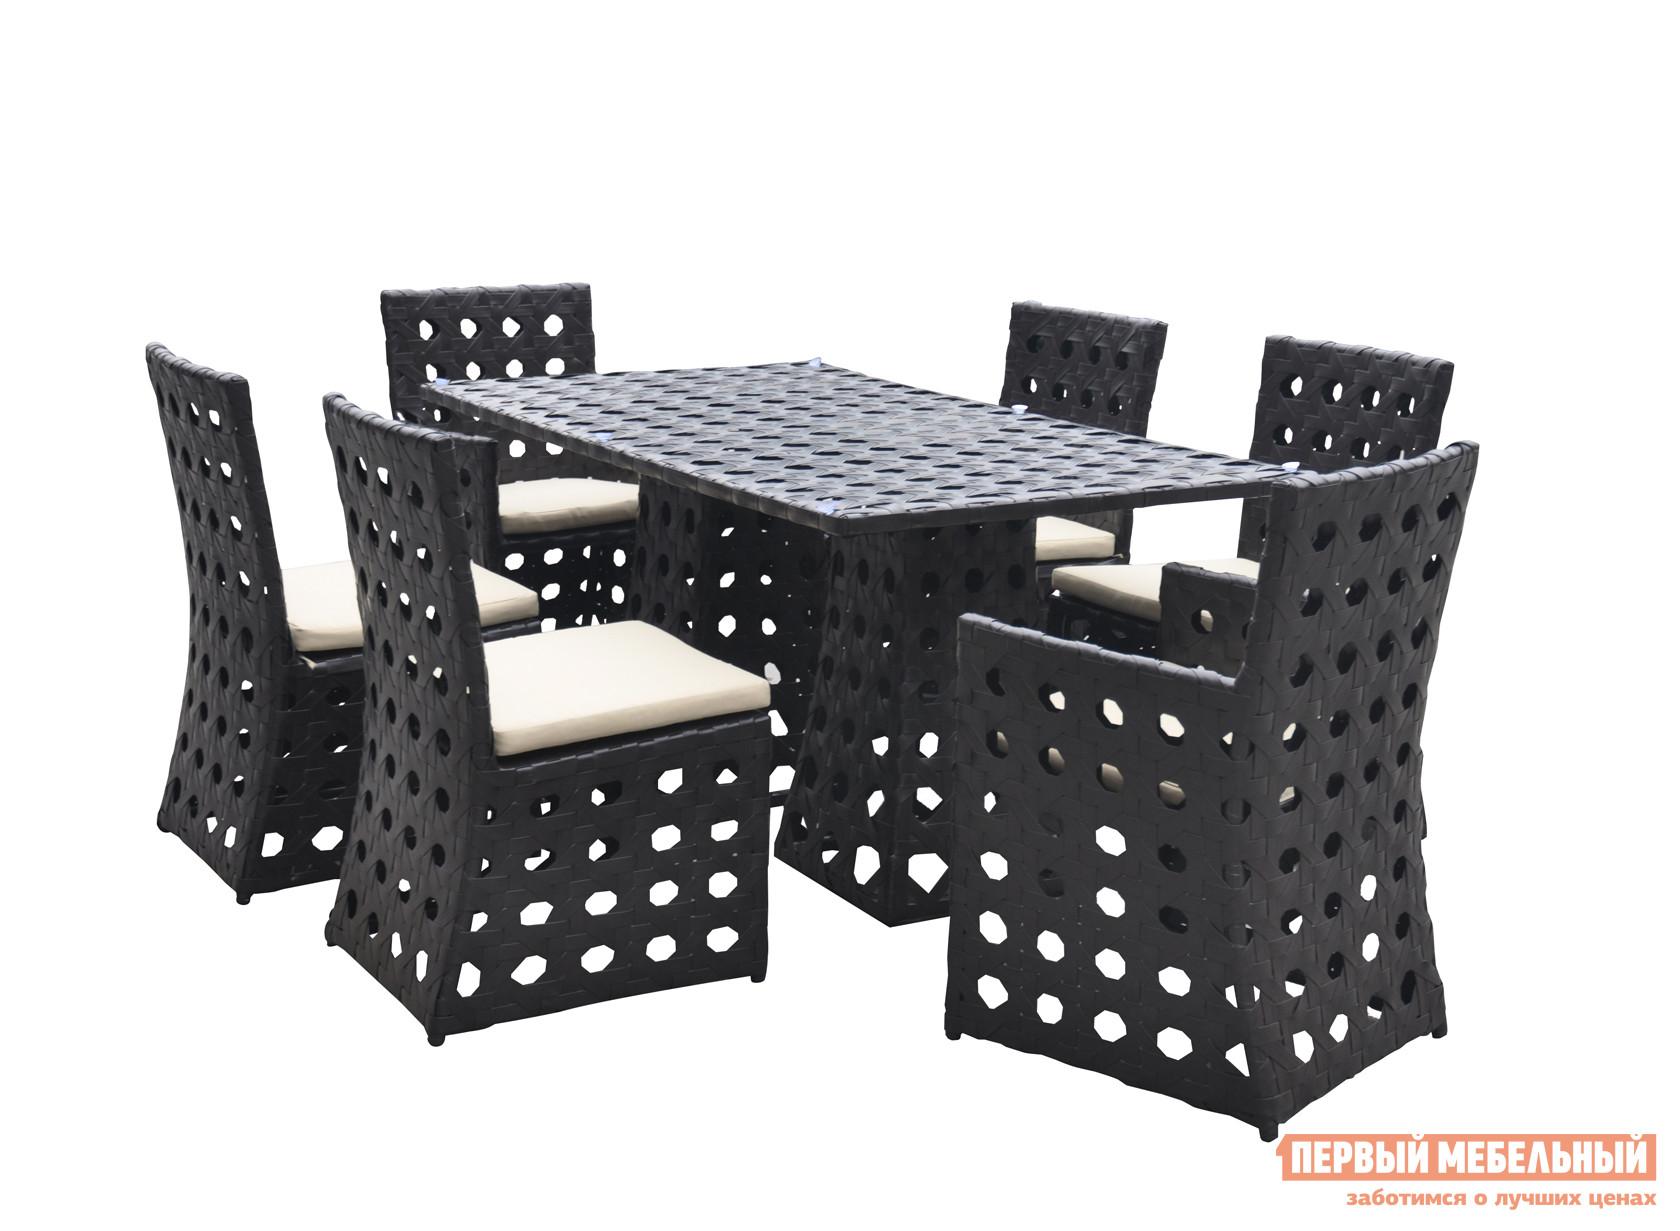 Комплект плетеной мебели  KM0013 Черный иск. ротанг крупное плетение